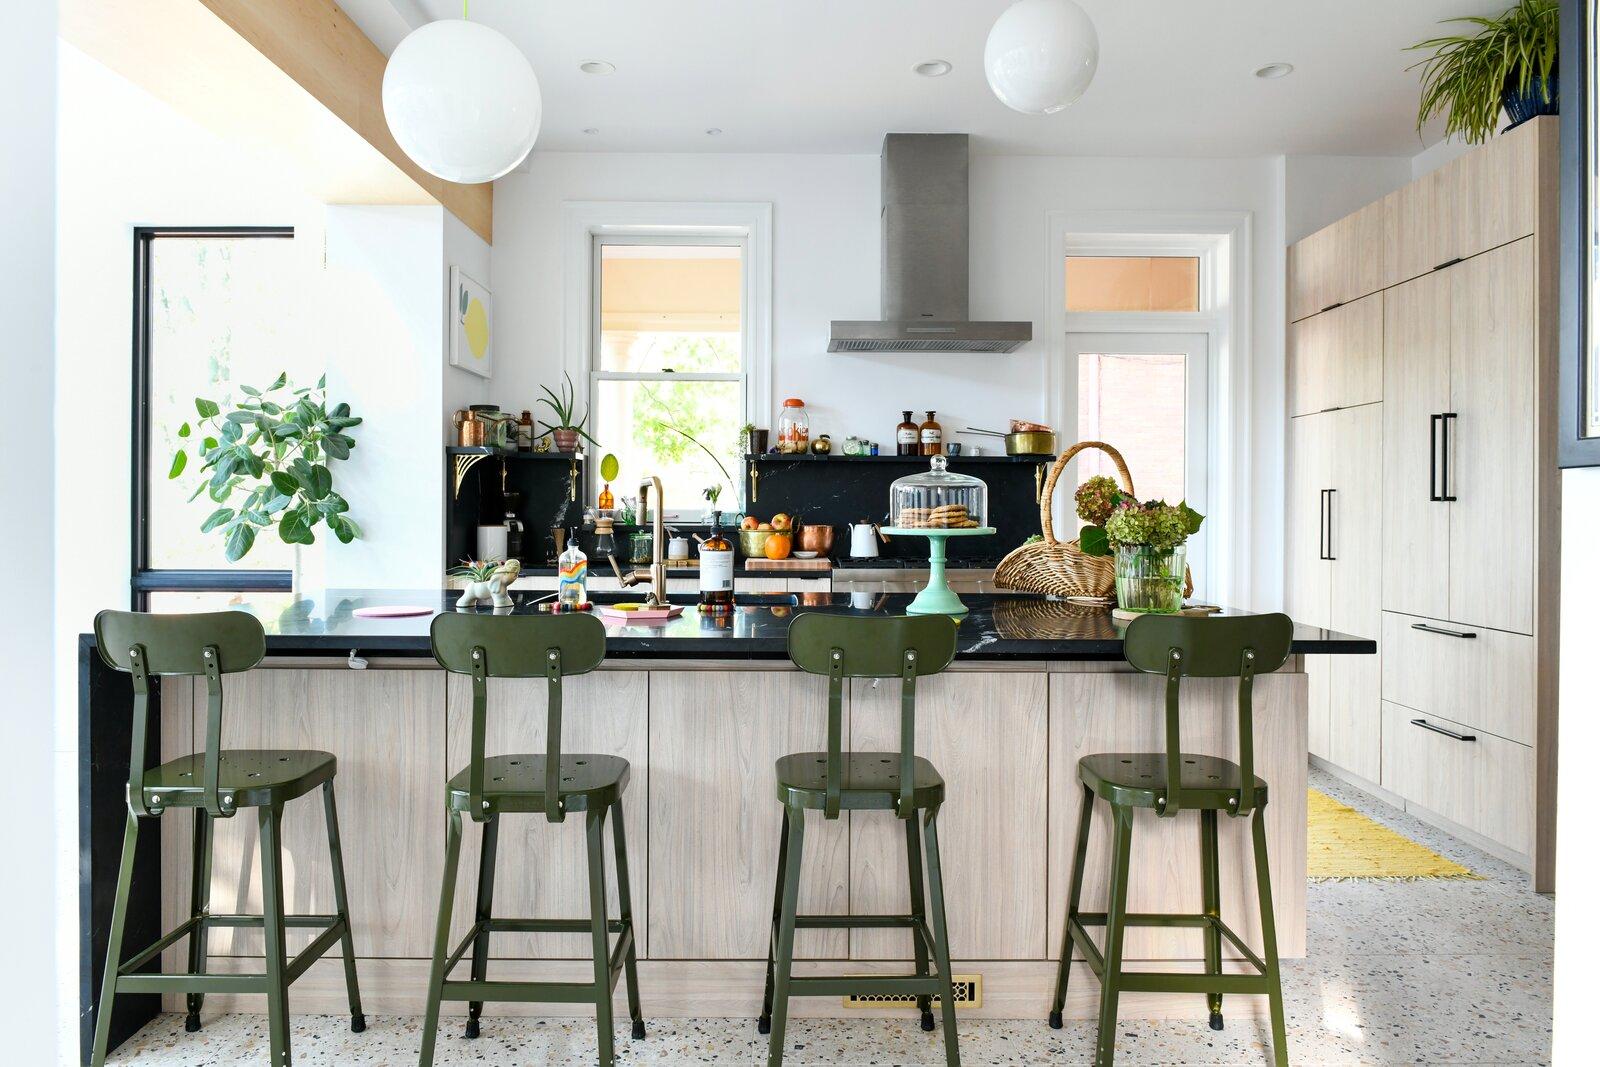 Kitchen of McAdams/Aversa by Von Walter + funk